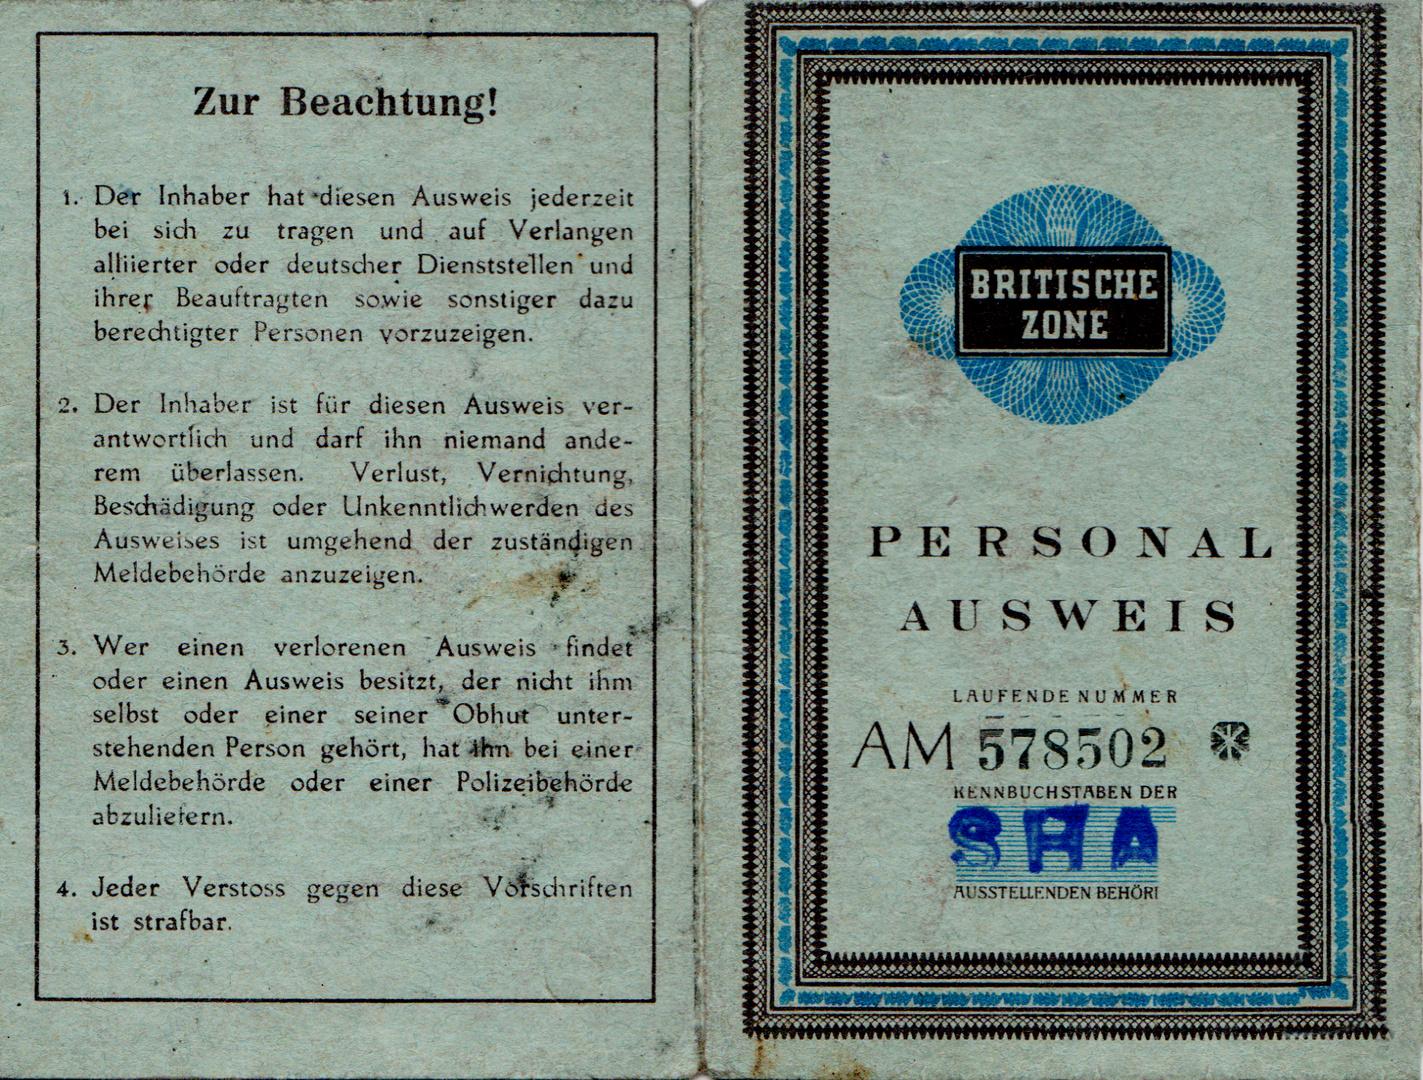 Pesonalausweis der britischen Zone Hamburg